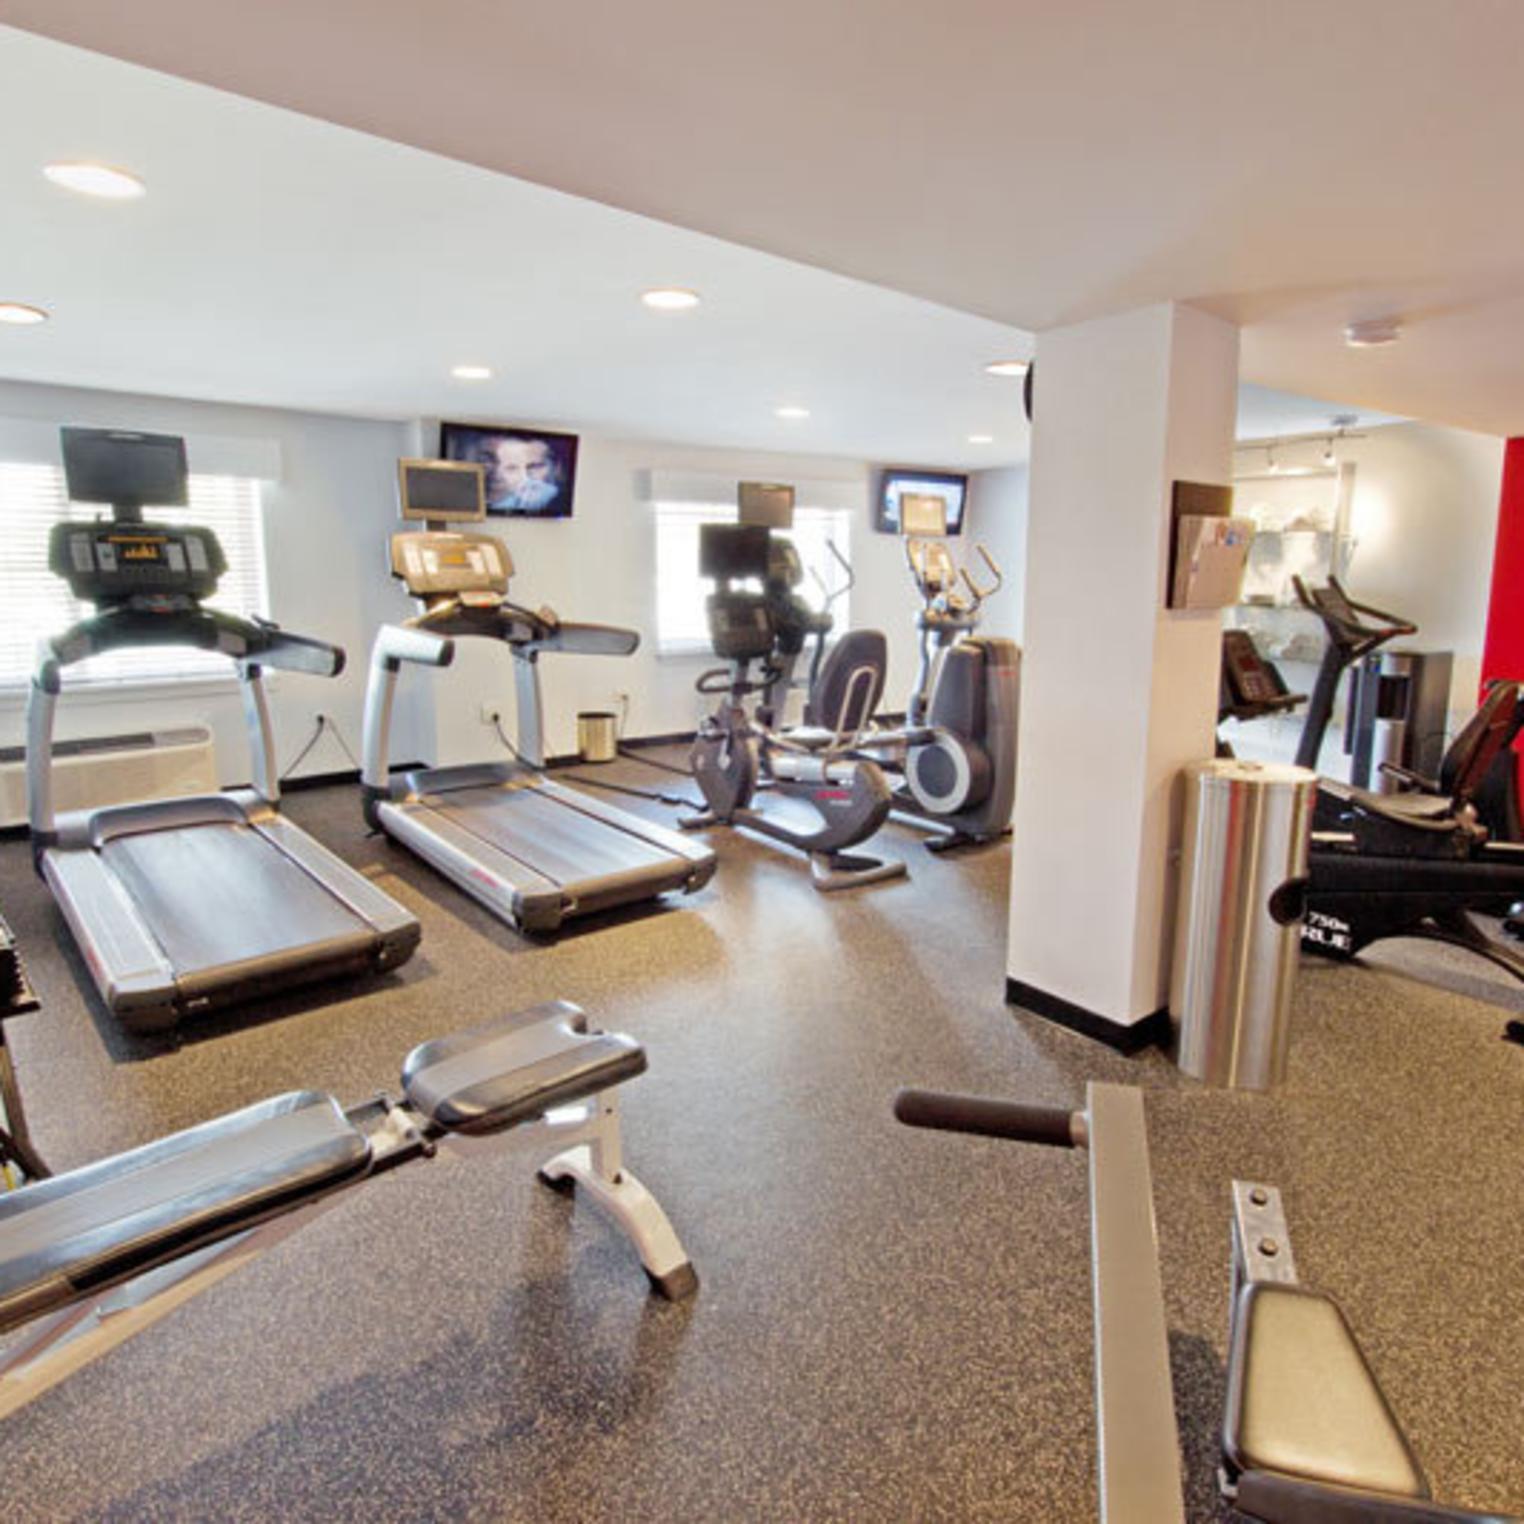 Radisson Hotel Exercise Room